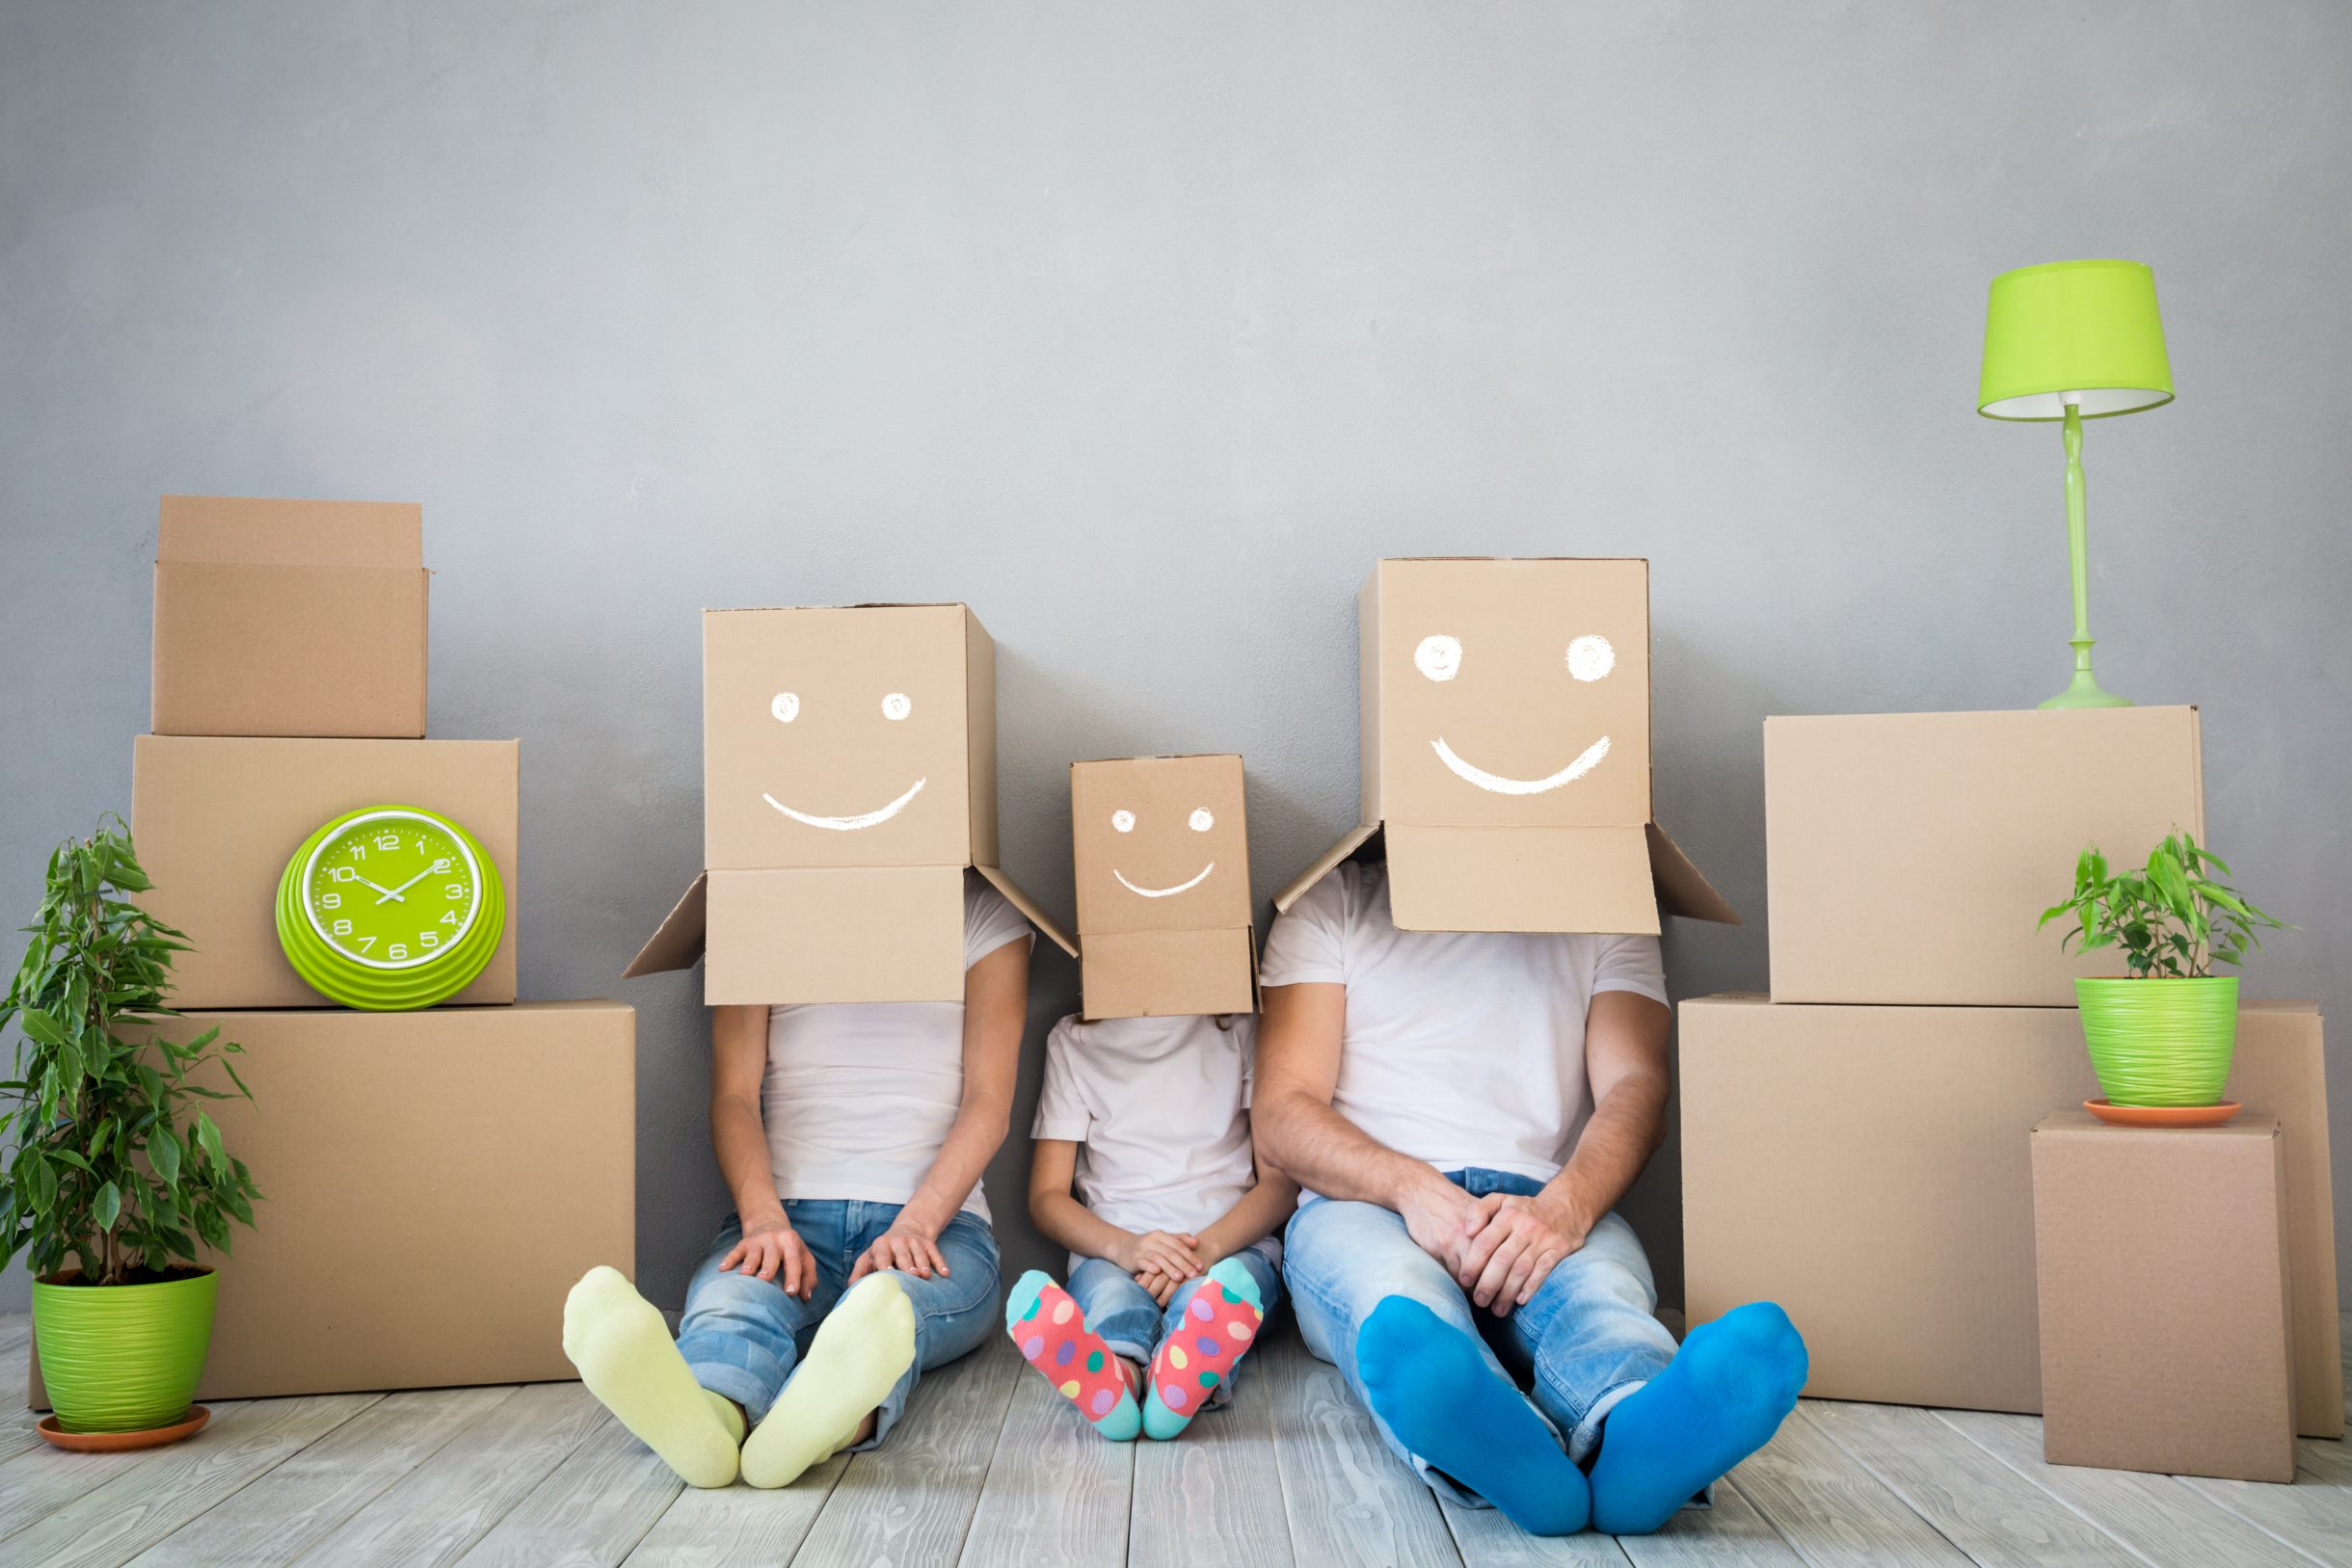 Ein Bild von drei Kindern die Umzugskartons als Mützen tragen